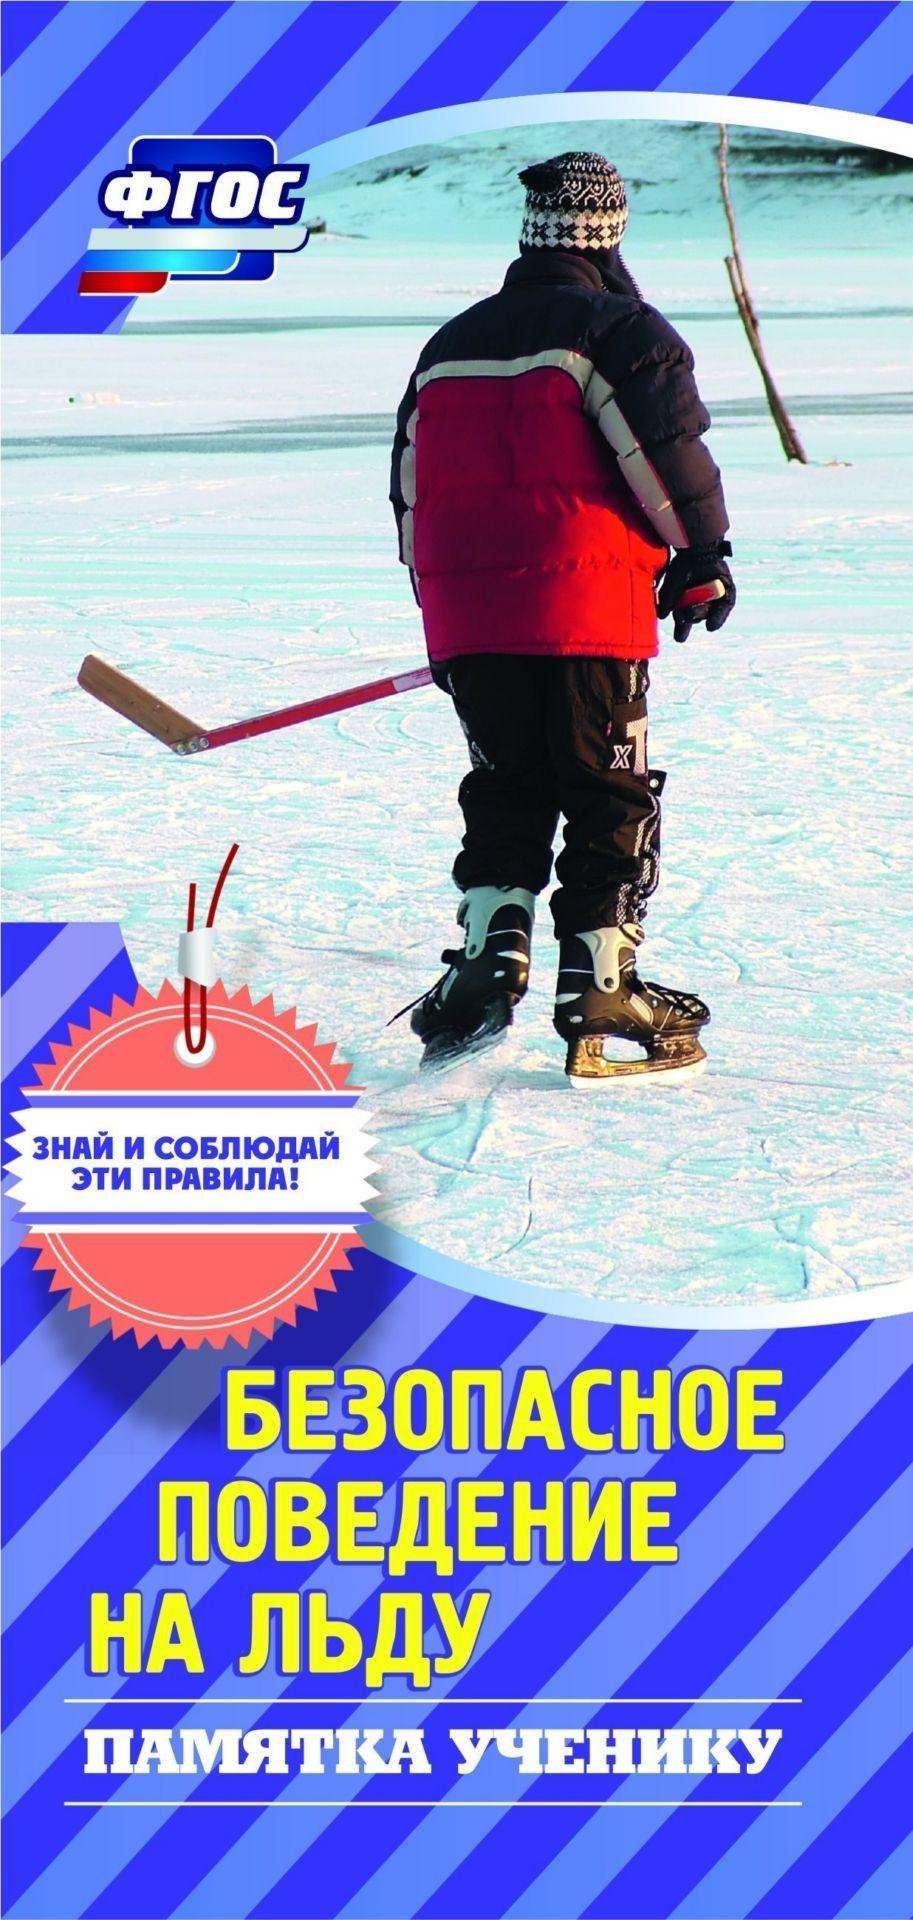 Памятка ученику по безопасному поведению на льдуНачальная школа<br>Бумага офсетная.<br><br>Год: 2017